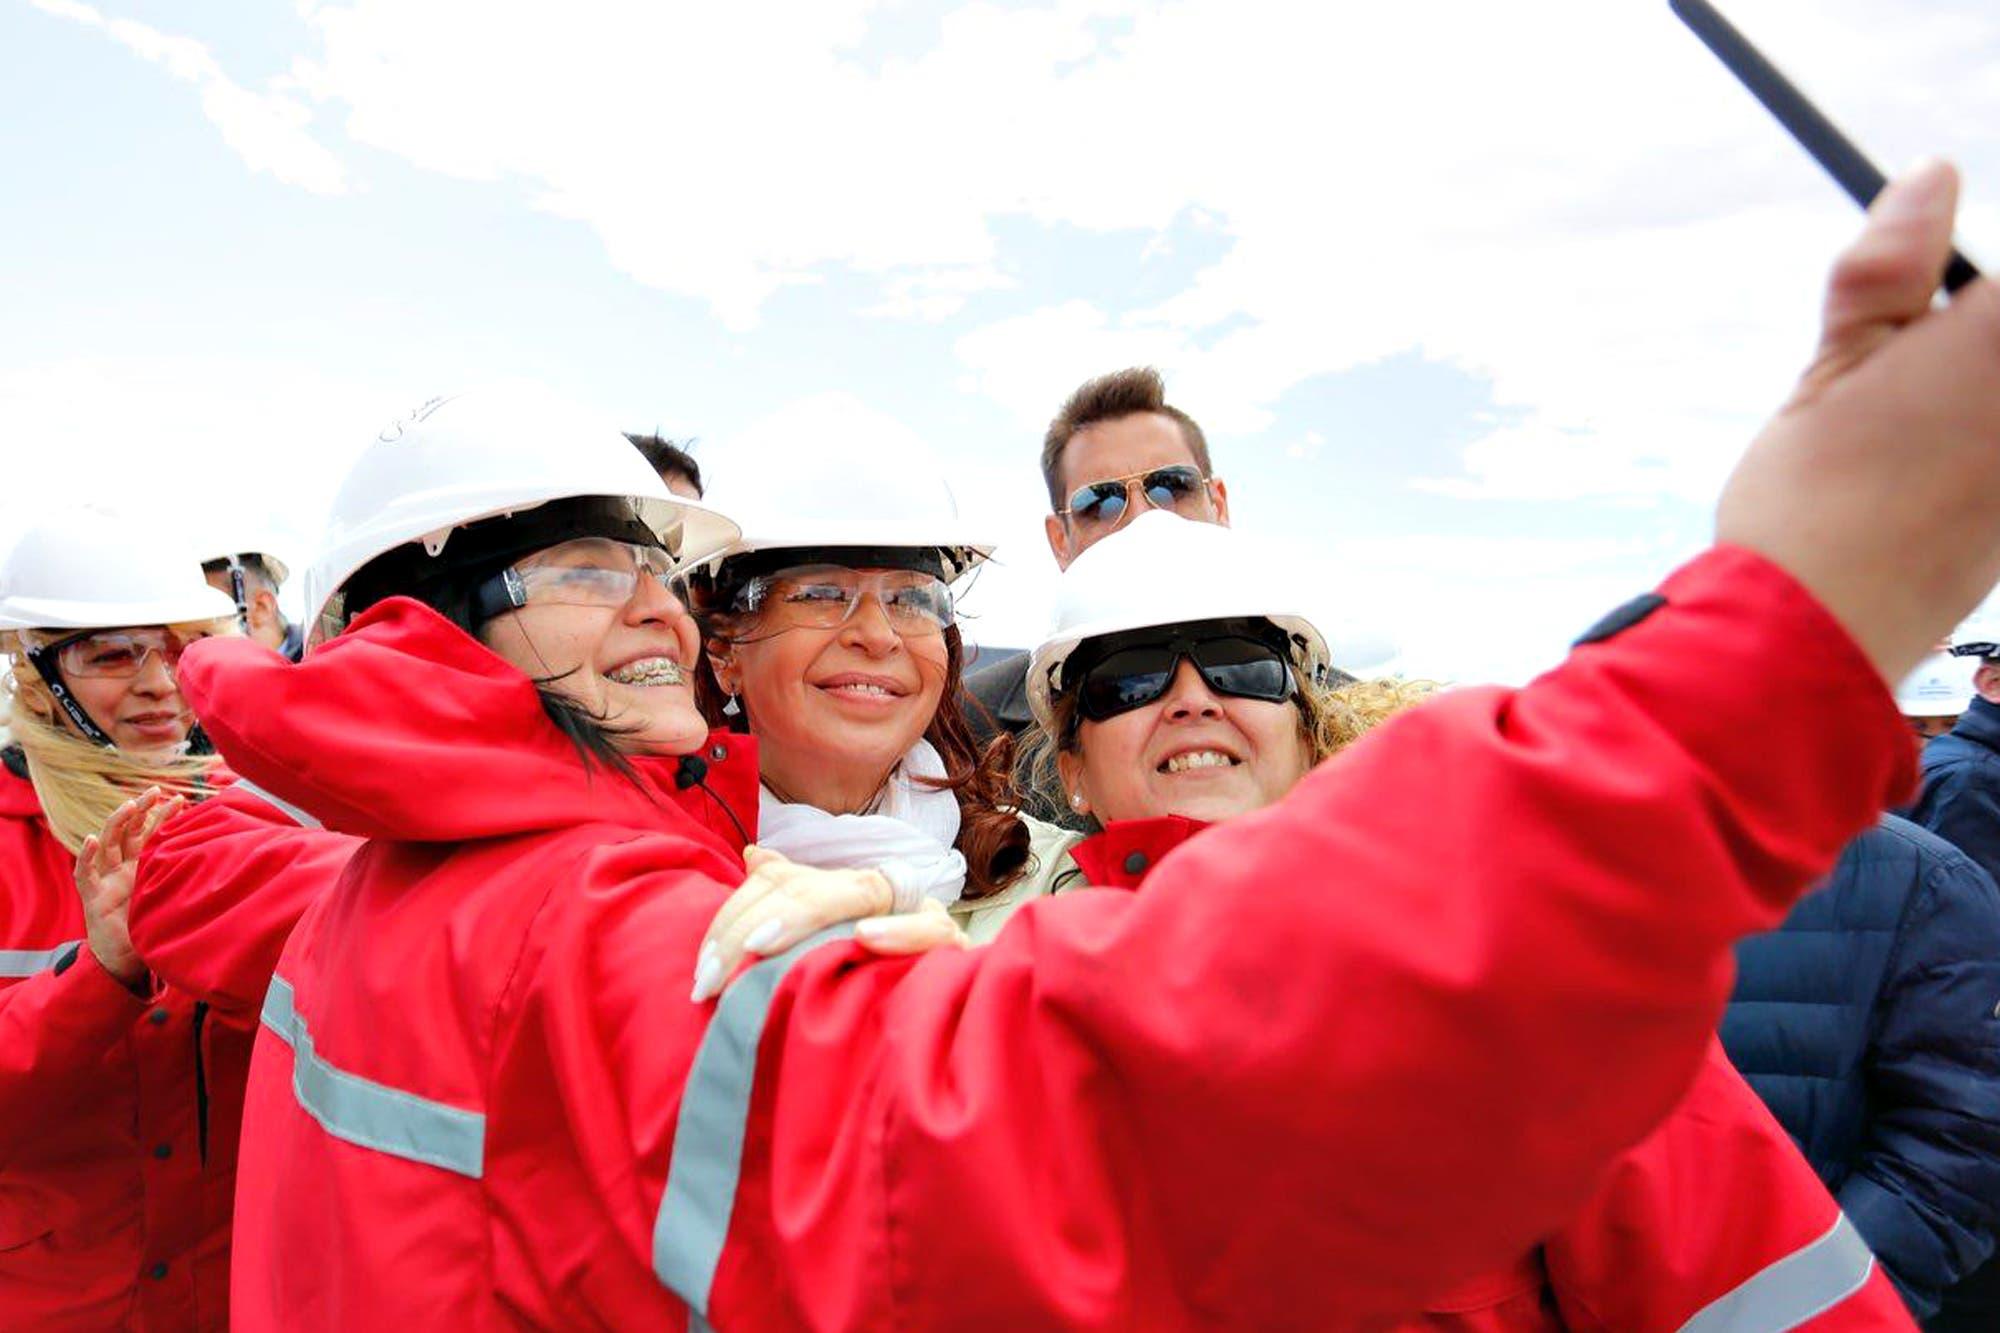 Cristina Kirchner recorrió la represa Néstor Kirchner junto a Gerardo Ferreyra, procesado en la causa de los cuadernos